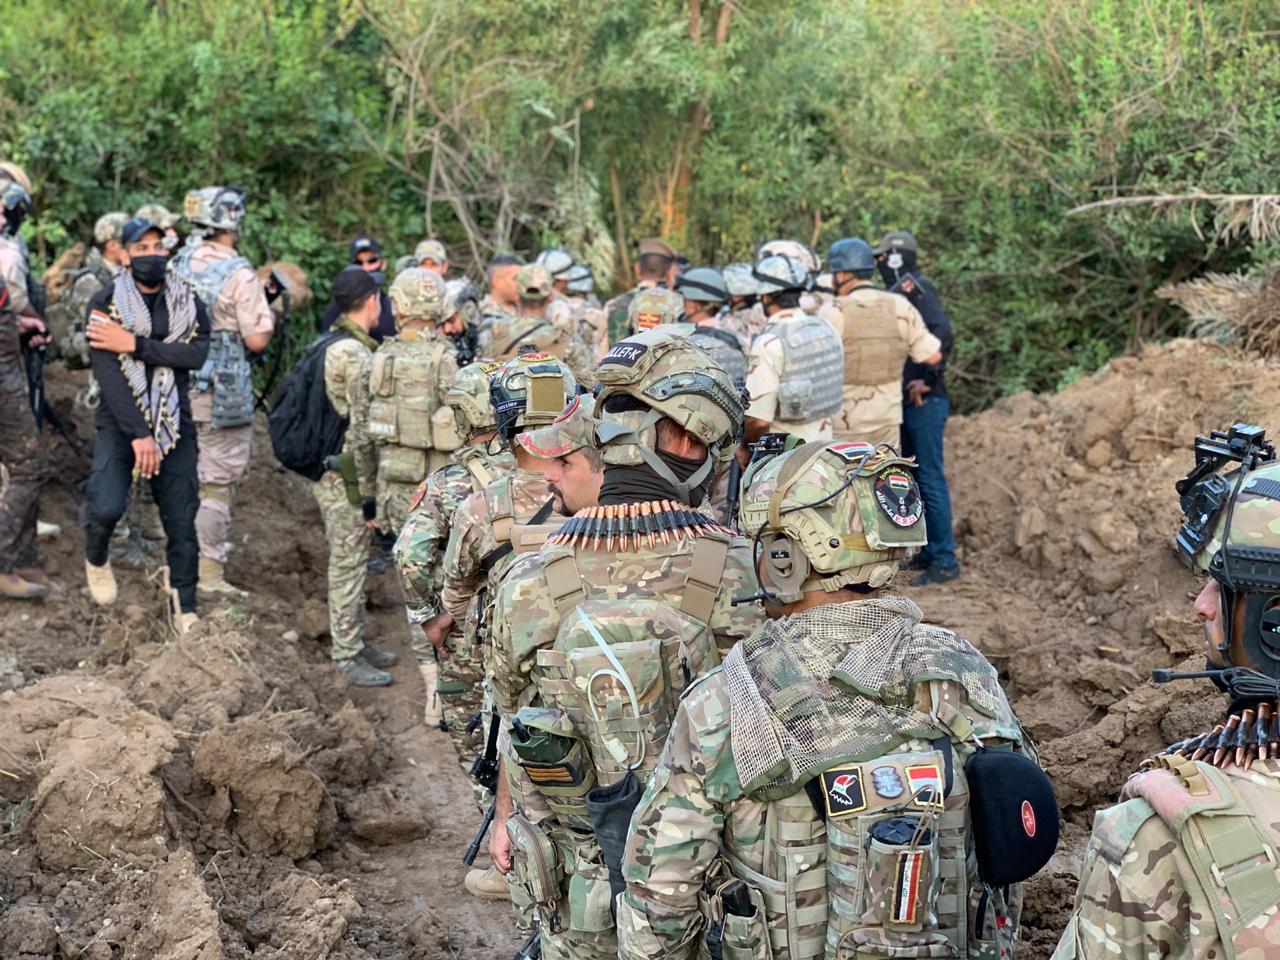 ئۆپراسیۆن سەربازی عراقی لەبۆشاییەگەی ناوبەین پێشمەرگە و هێز فیدڕاڵی